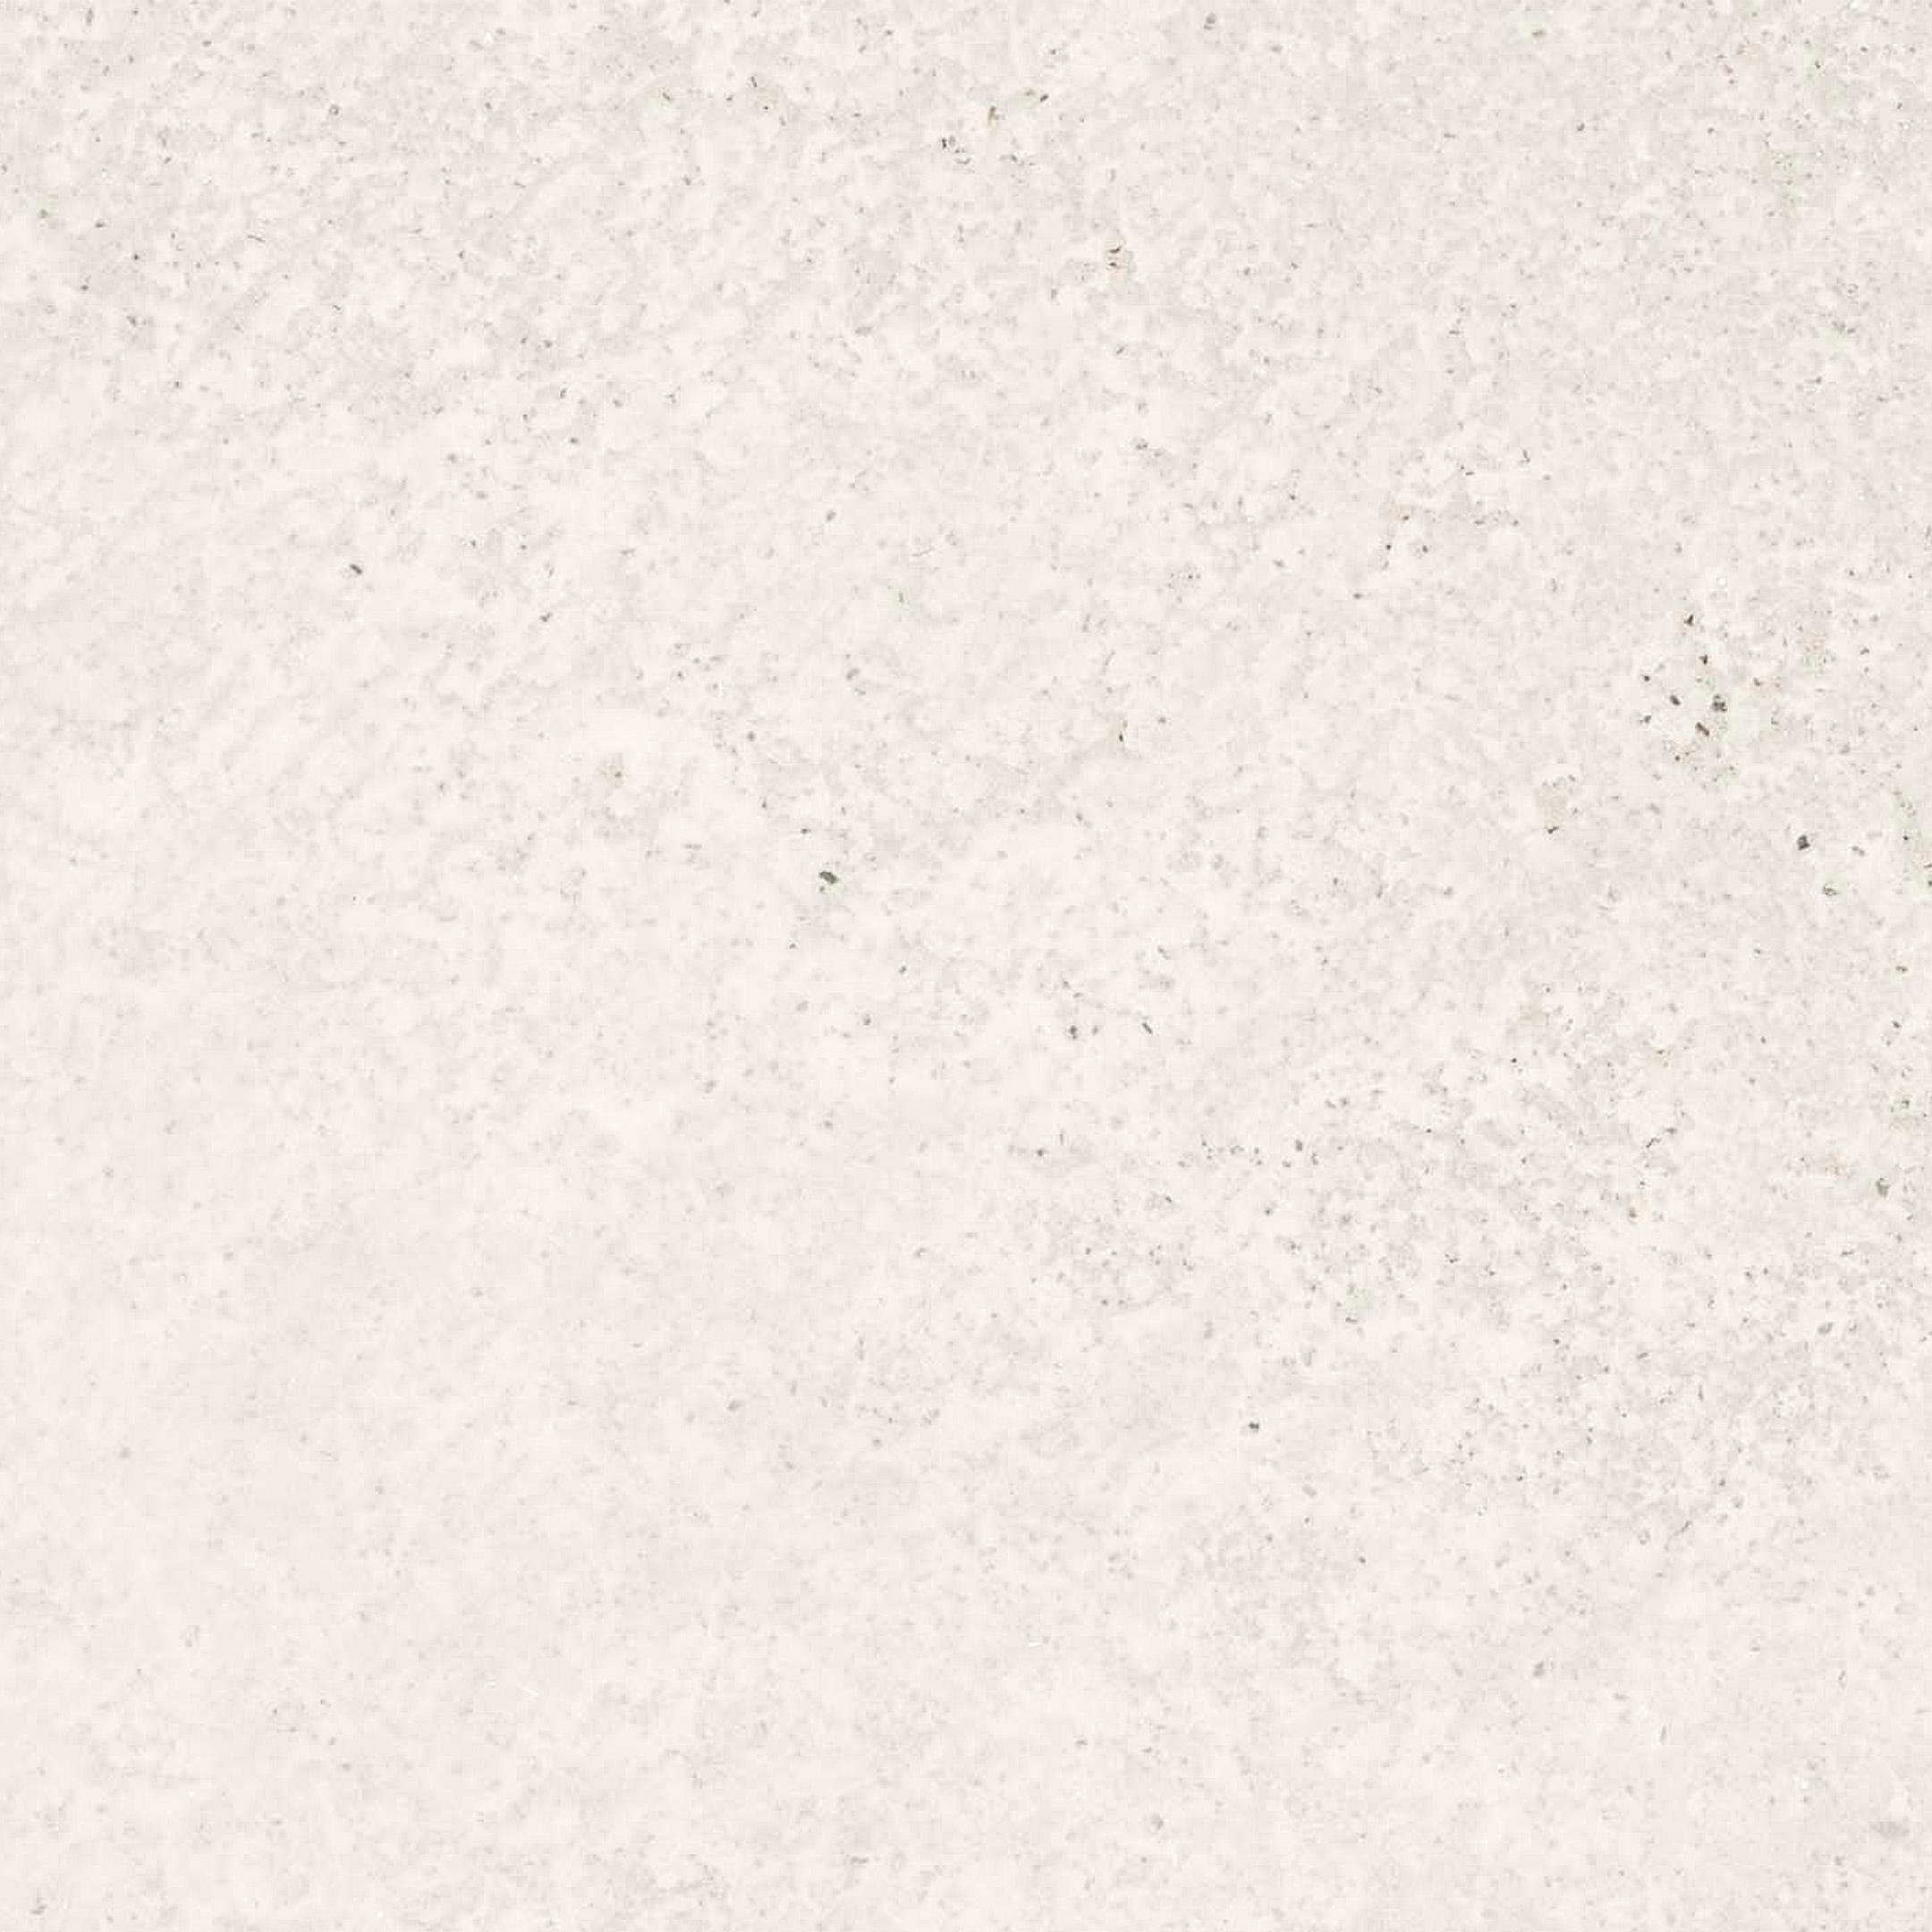 Керамогранит Gracia Ceramica Kosmo светло-серый 01 100x200x8 мм (44 шт.=0,88 кв.м) цена 2017